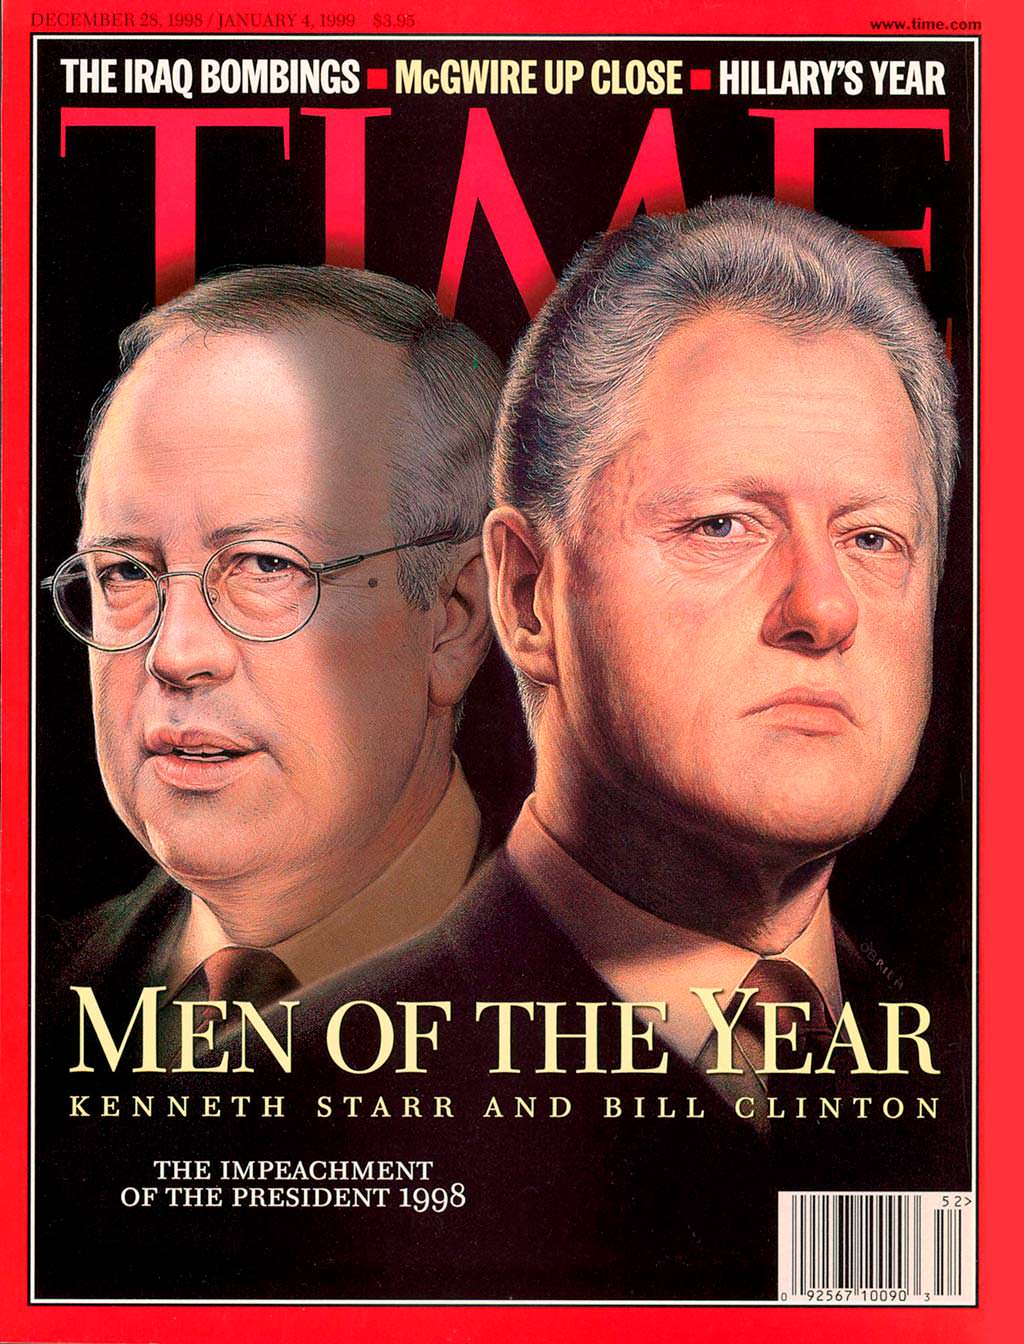 1998 год. Билл Клинтон и Кеннет Стар на обложке Time